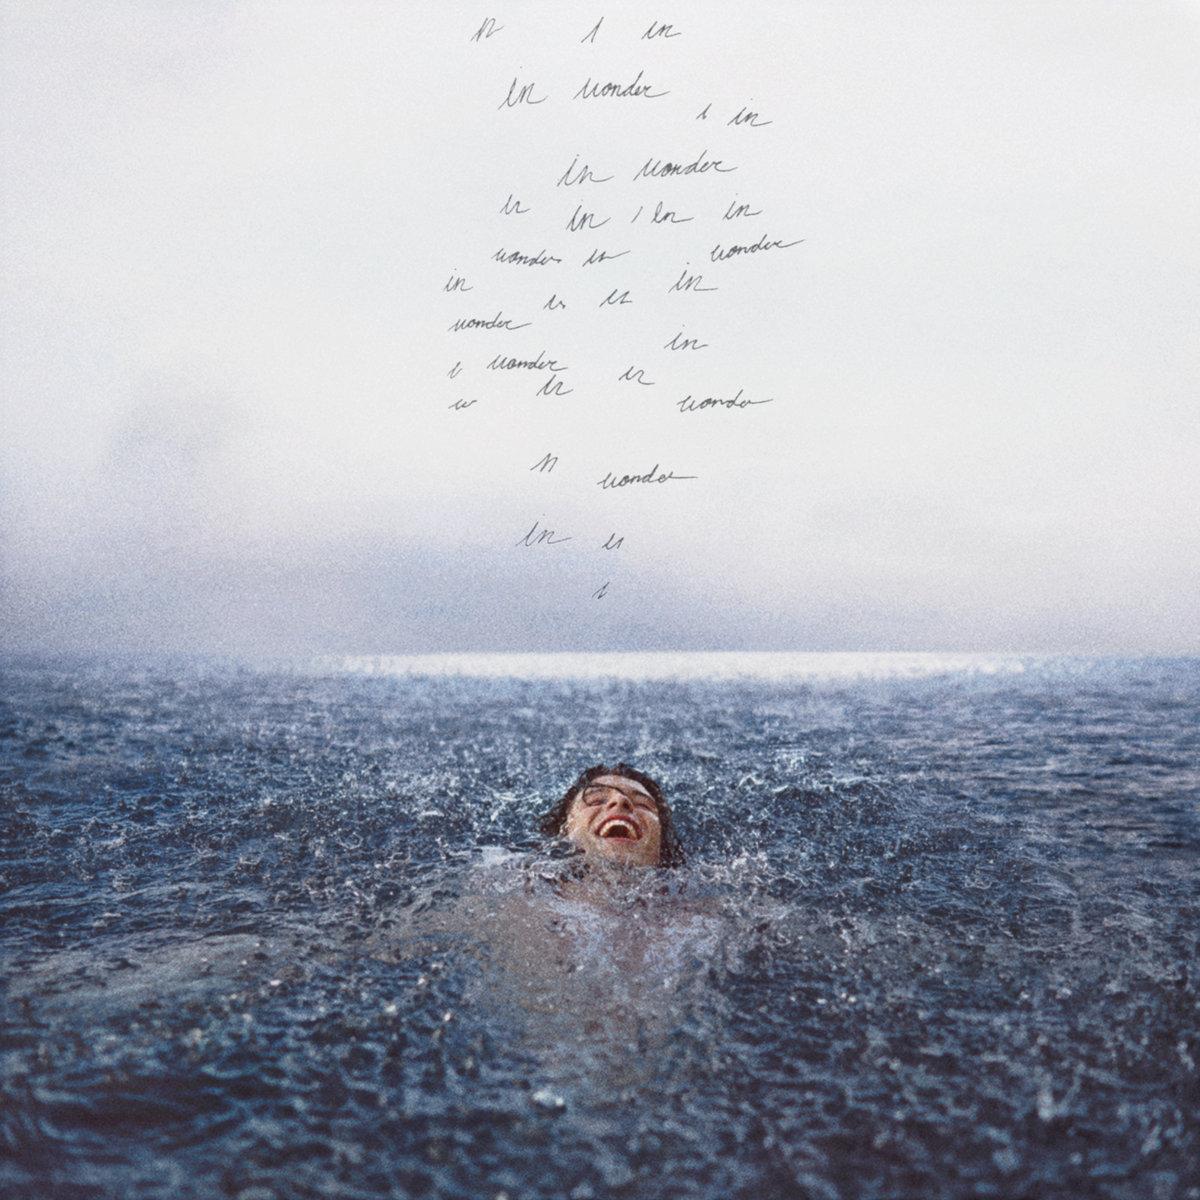 Mendes Shawn - Wonder